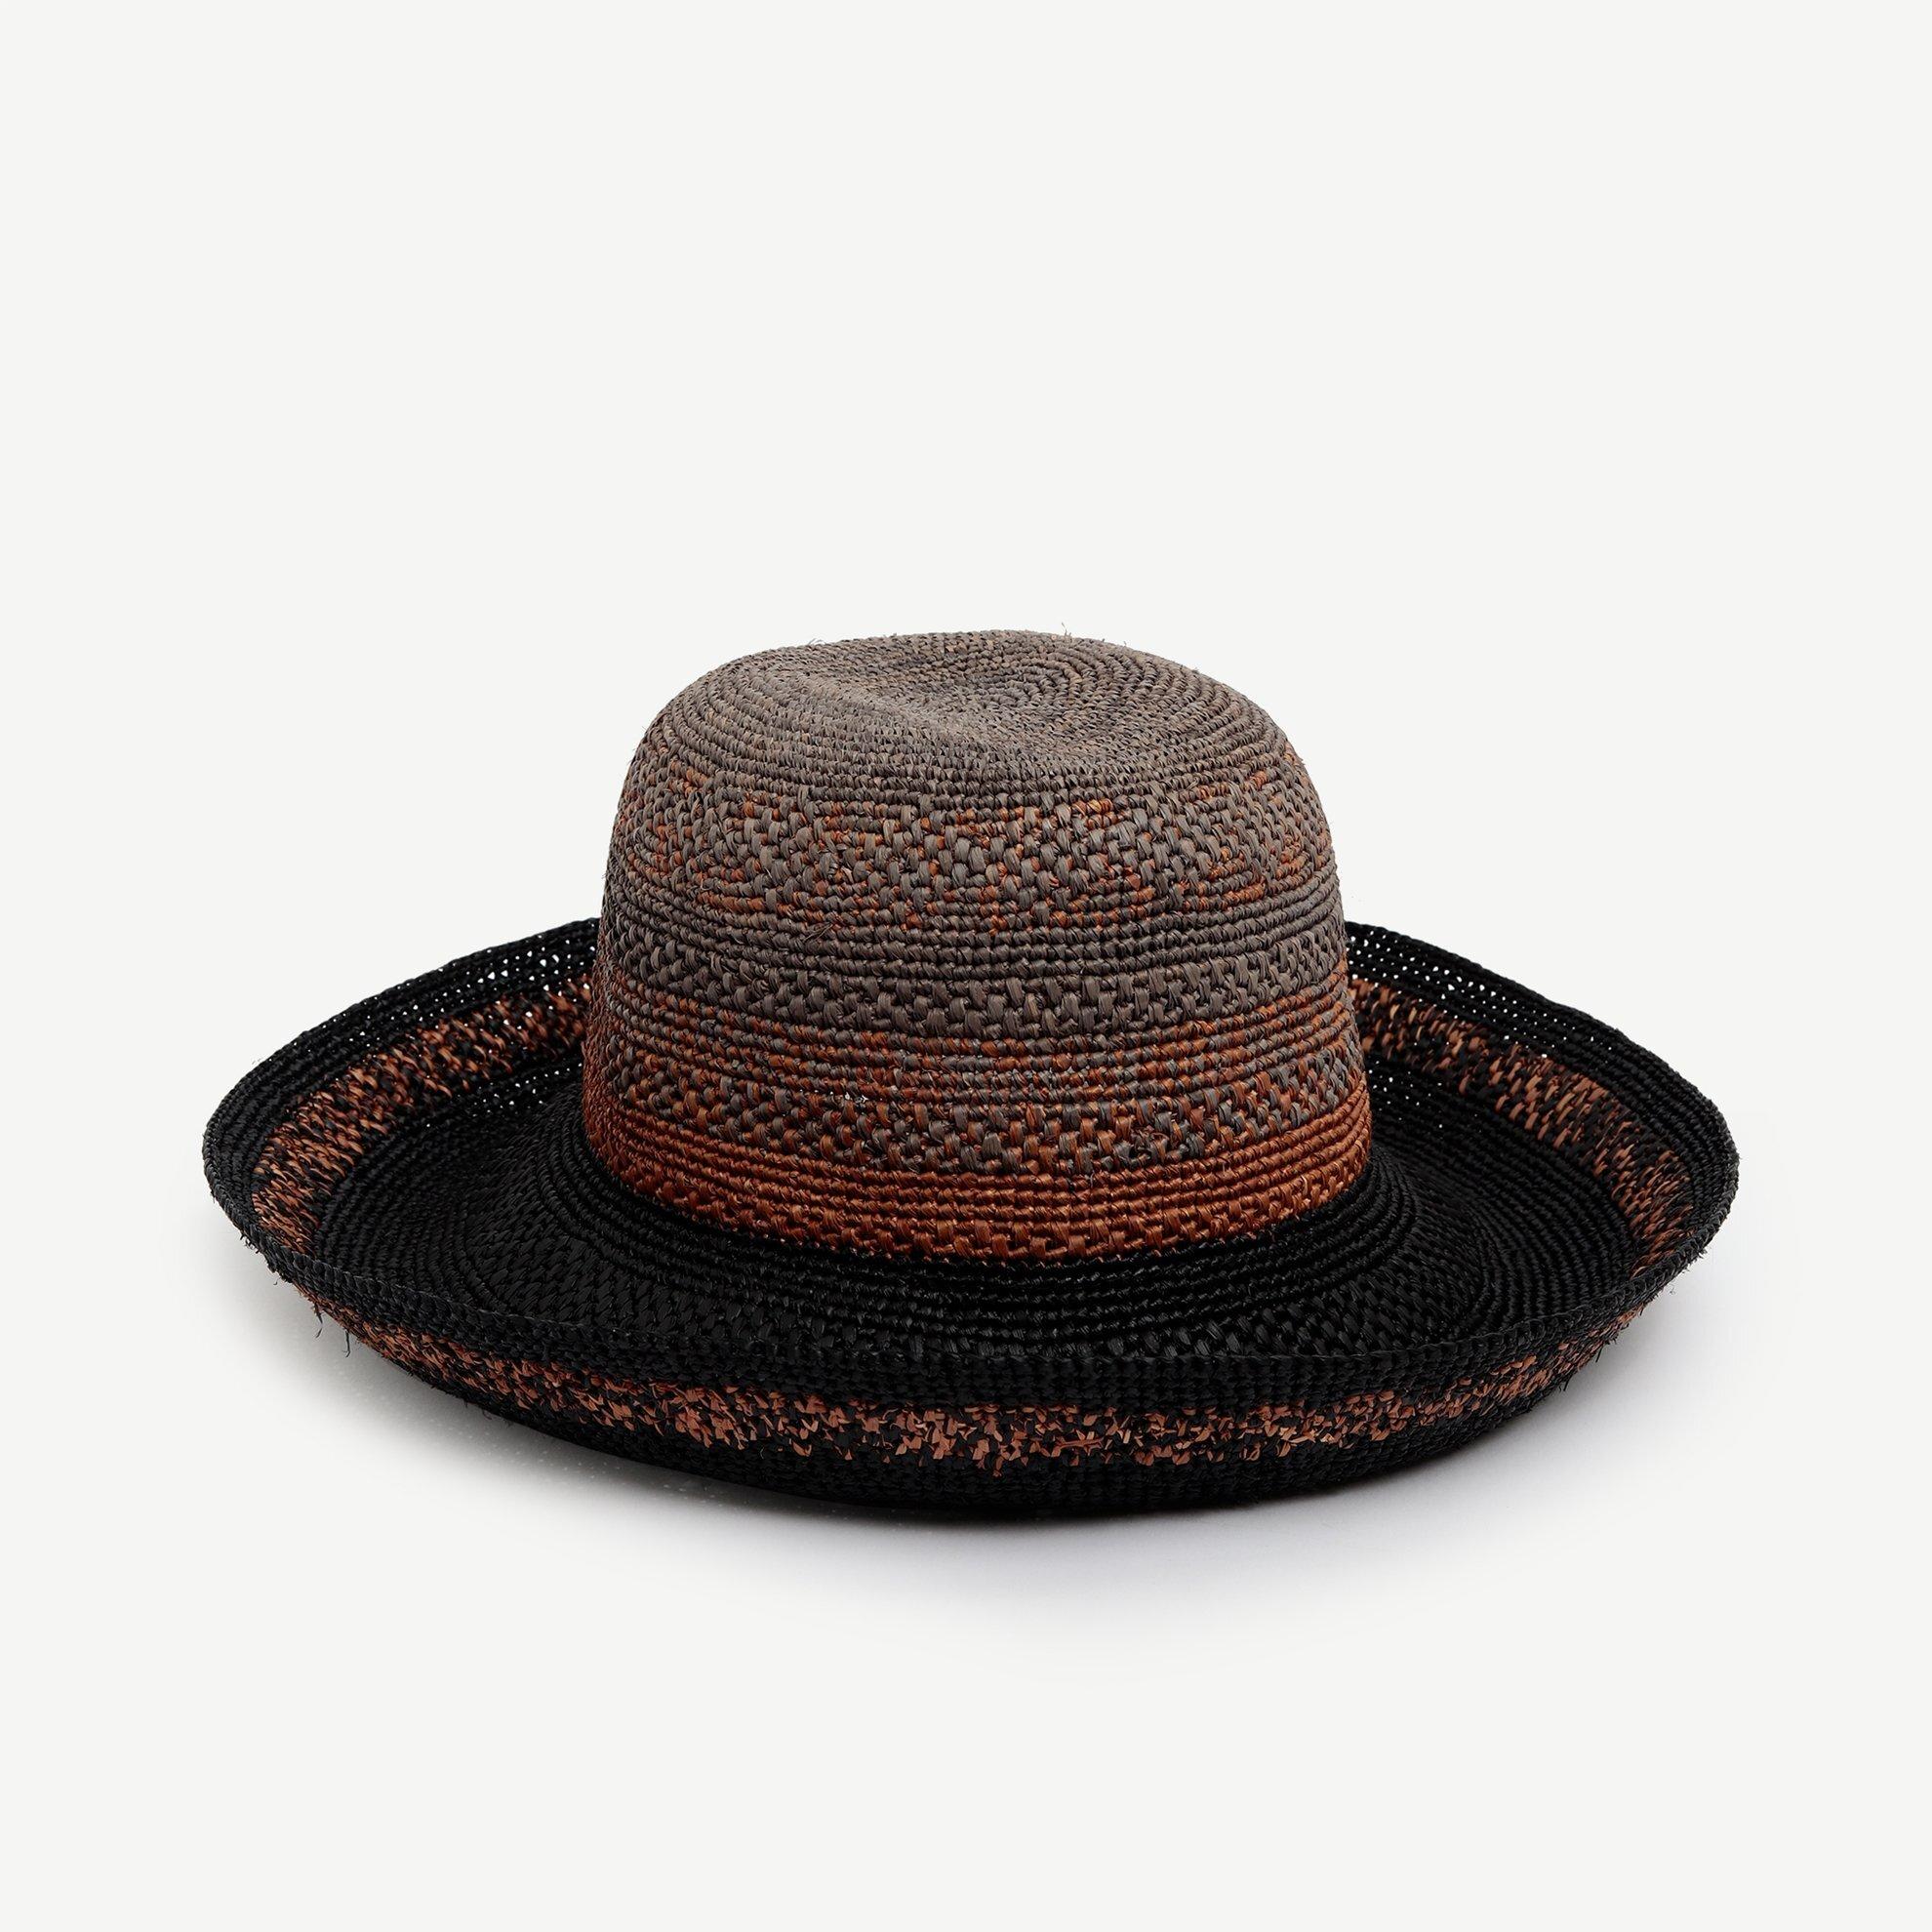 Renkli Kloşe Şapka